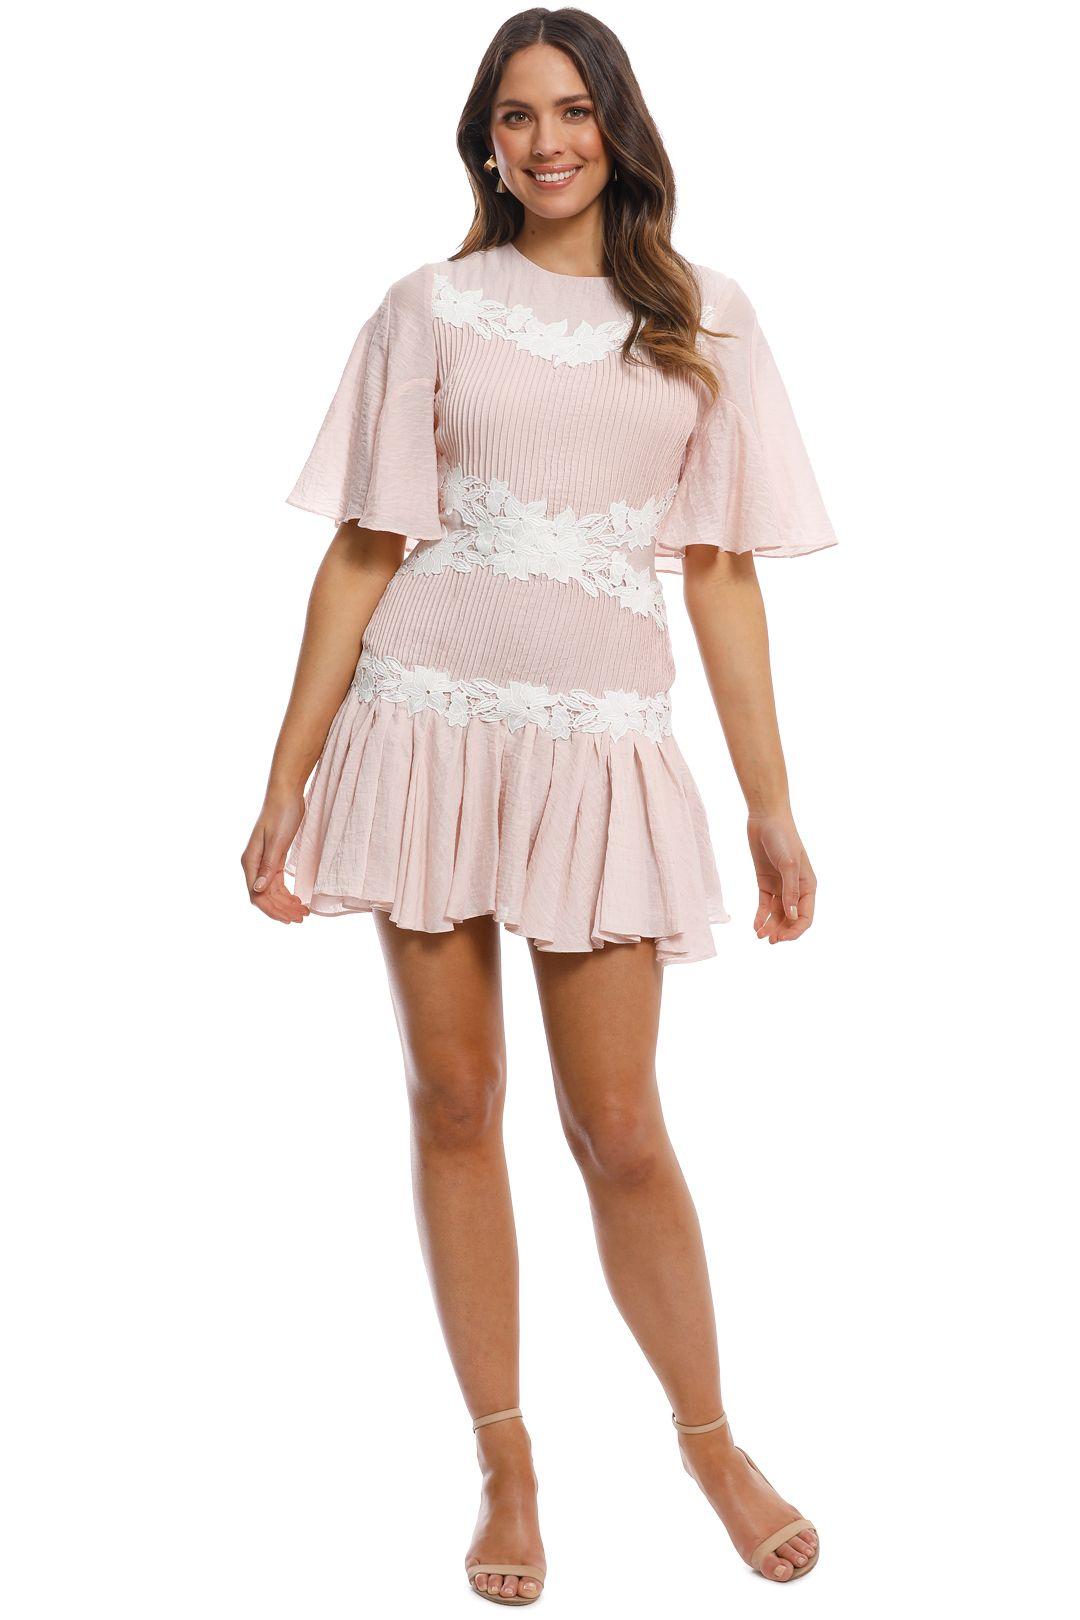 Keepsake - All Mine Mini Dress - Blush - Front